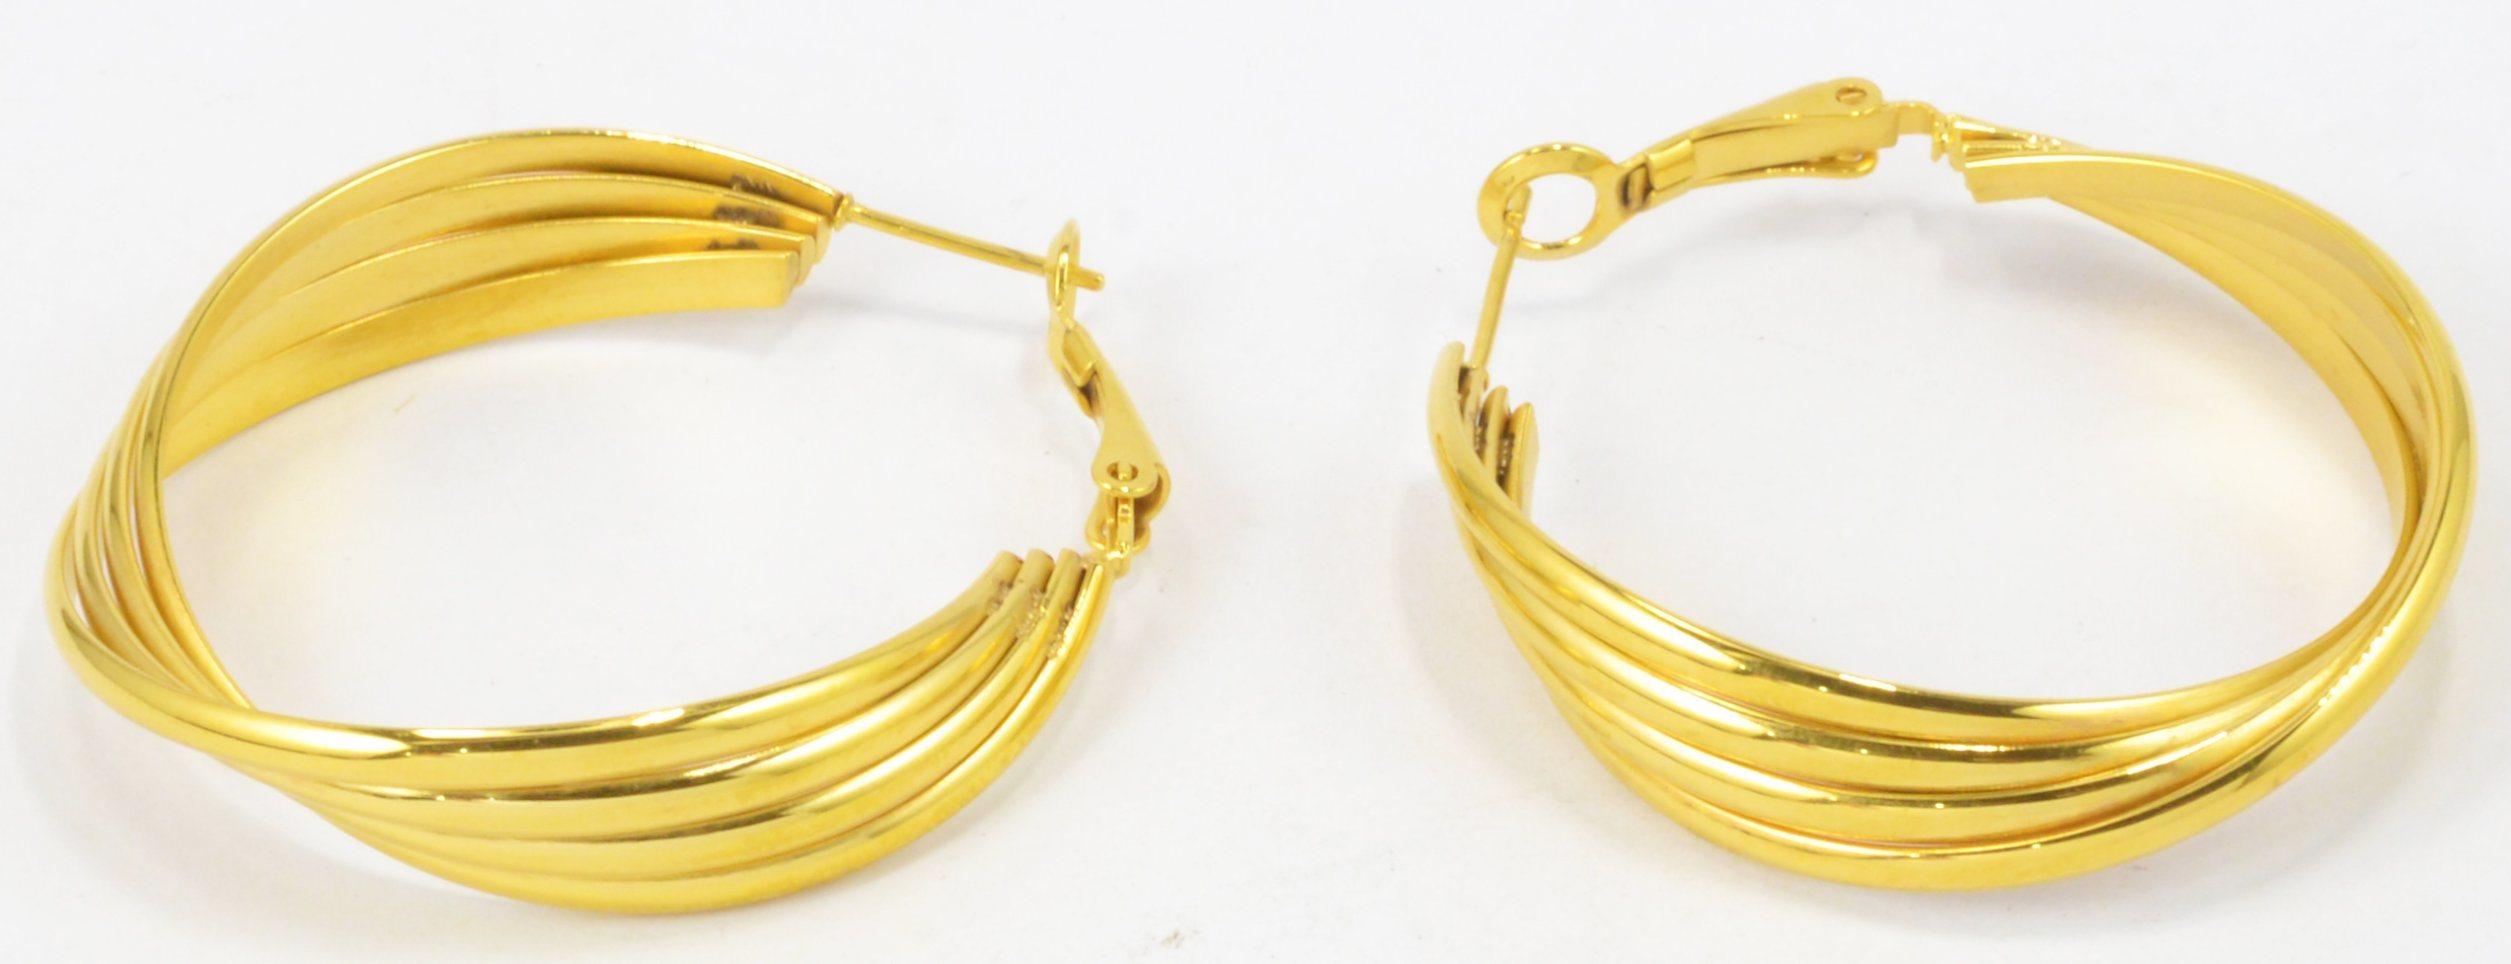 Wholesale Hot Sale Stainless Steel Self Piercing Hoop Earrings